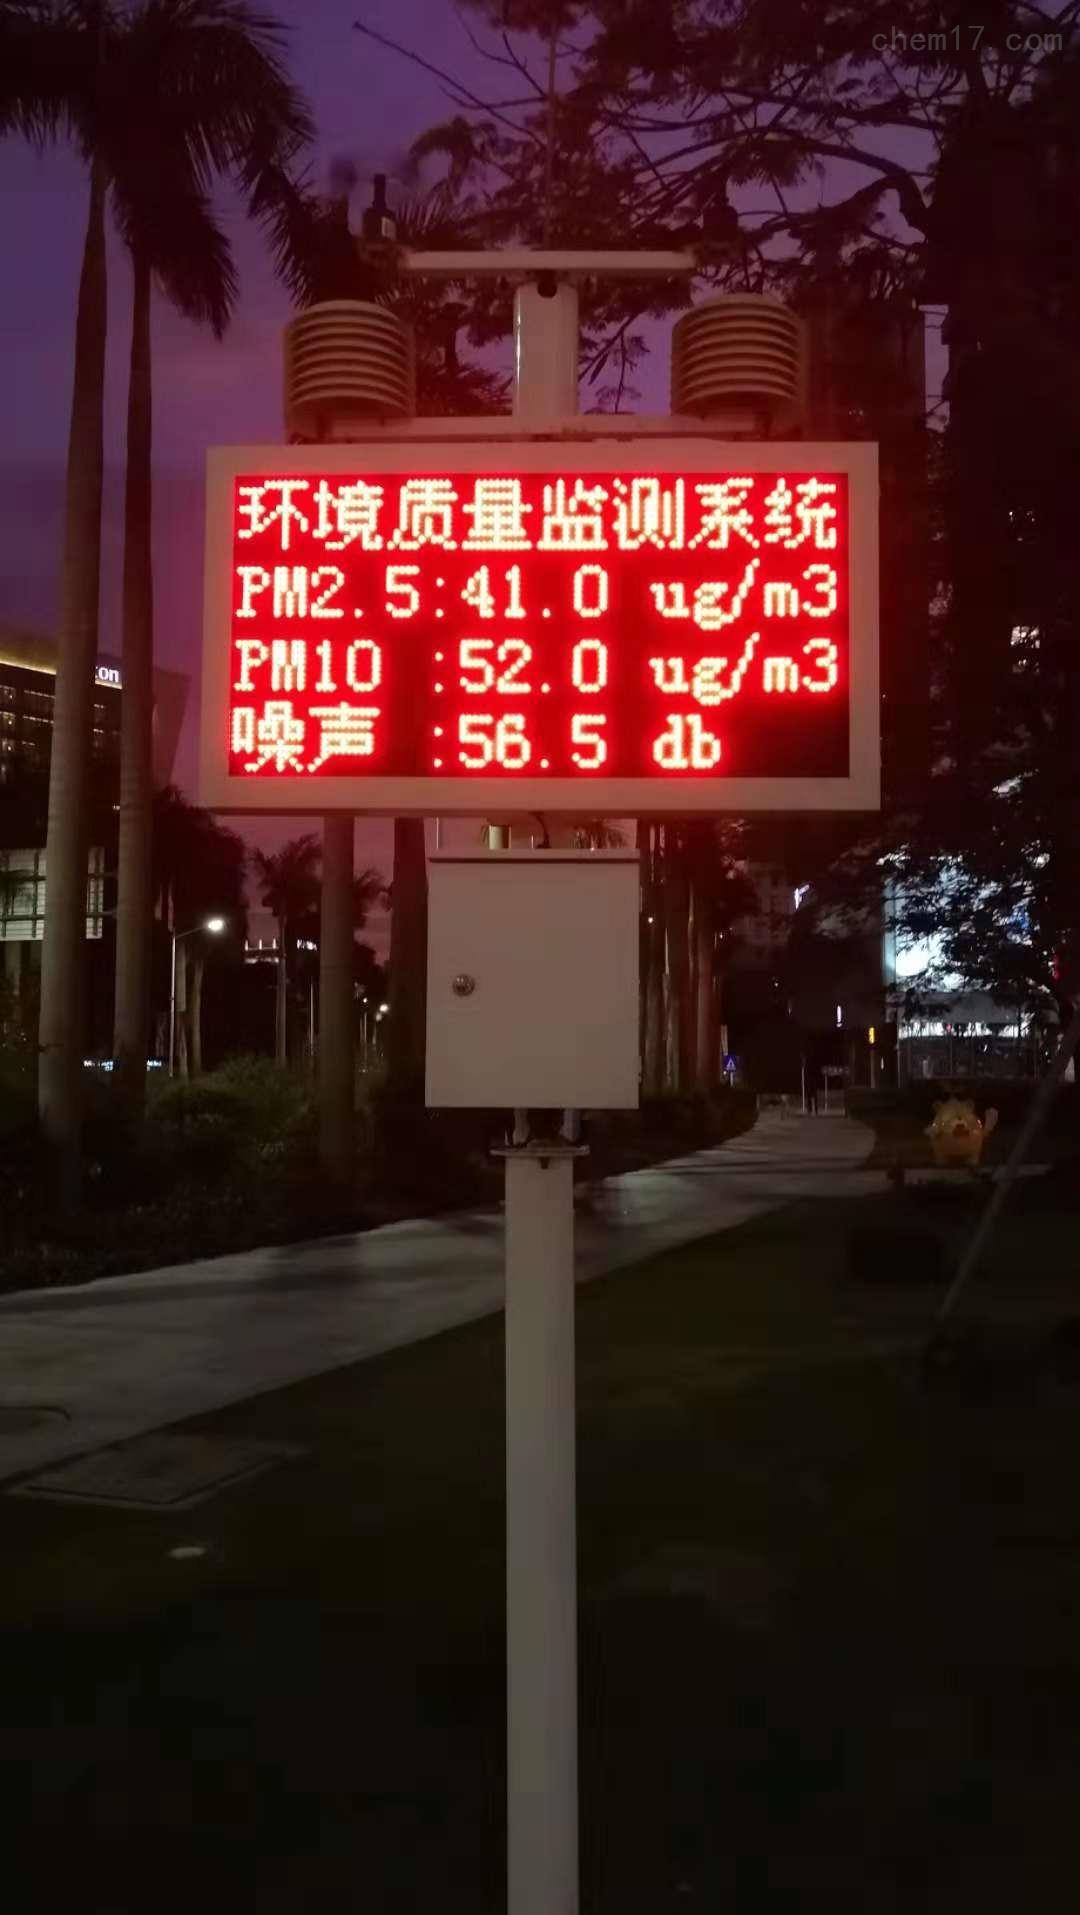 施工建设扬尘防治解决方案深圳供应商